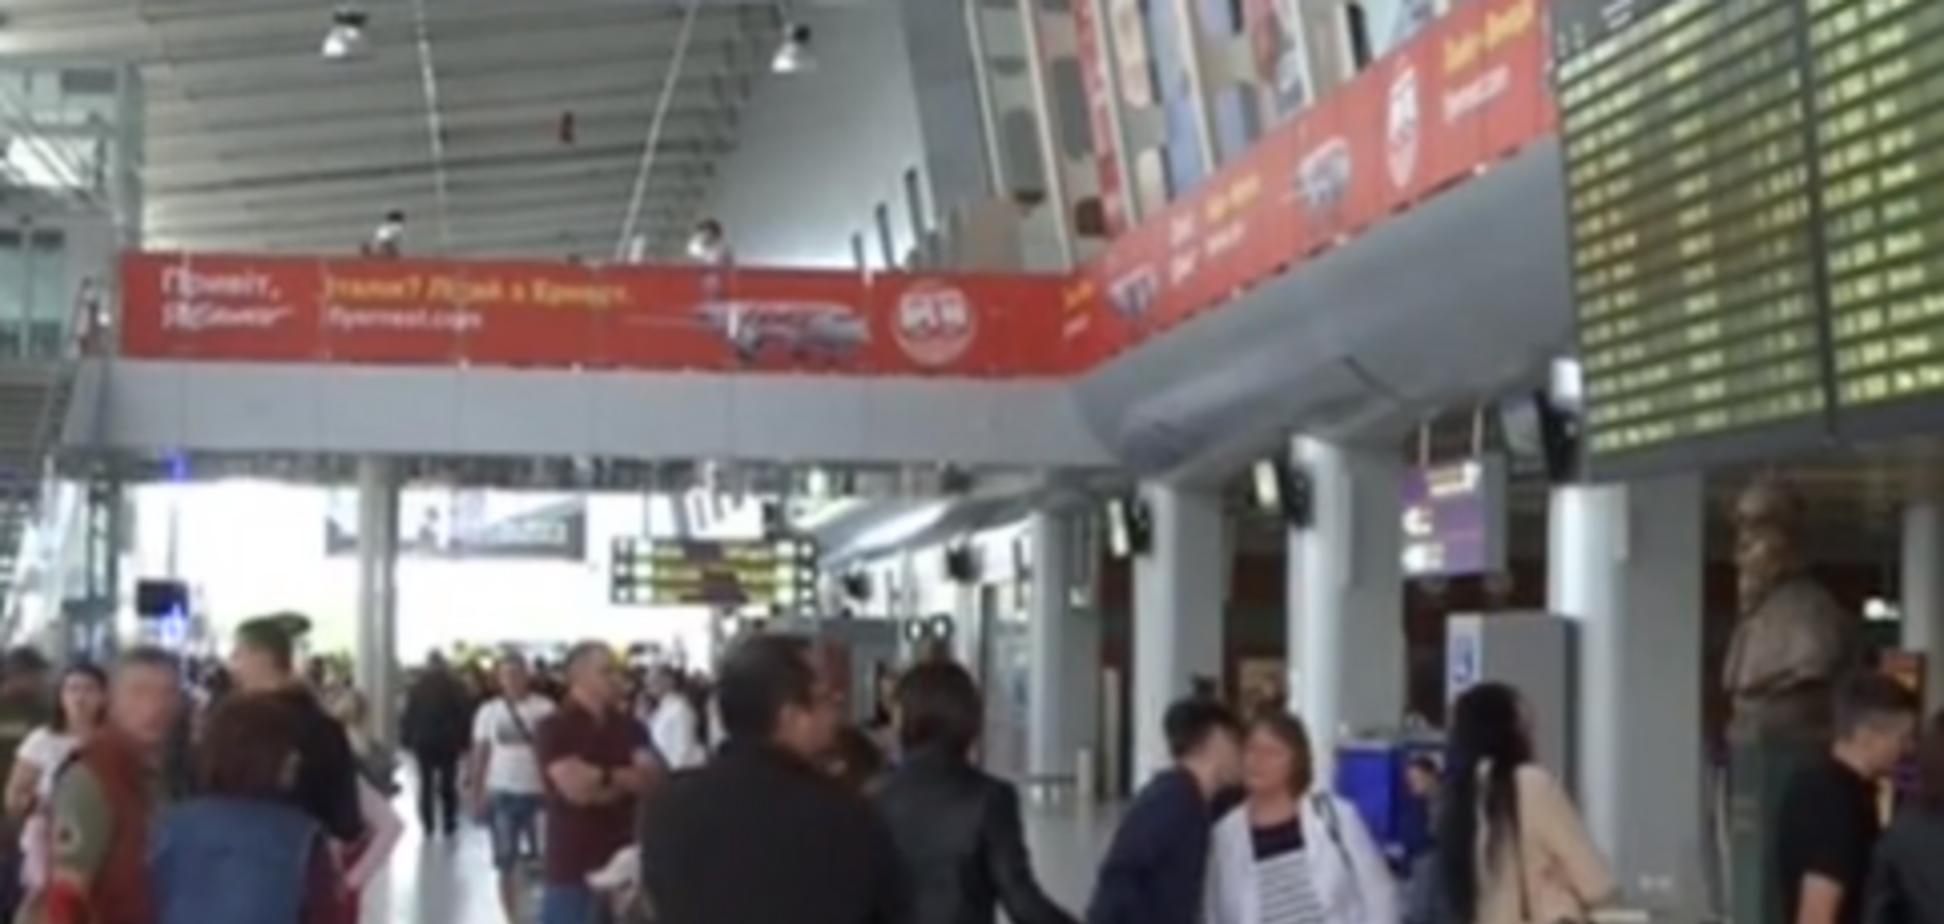 Вылет отменяется: во Львове туристы опять попали в неприятную ситуацию